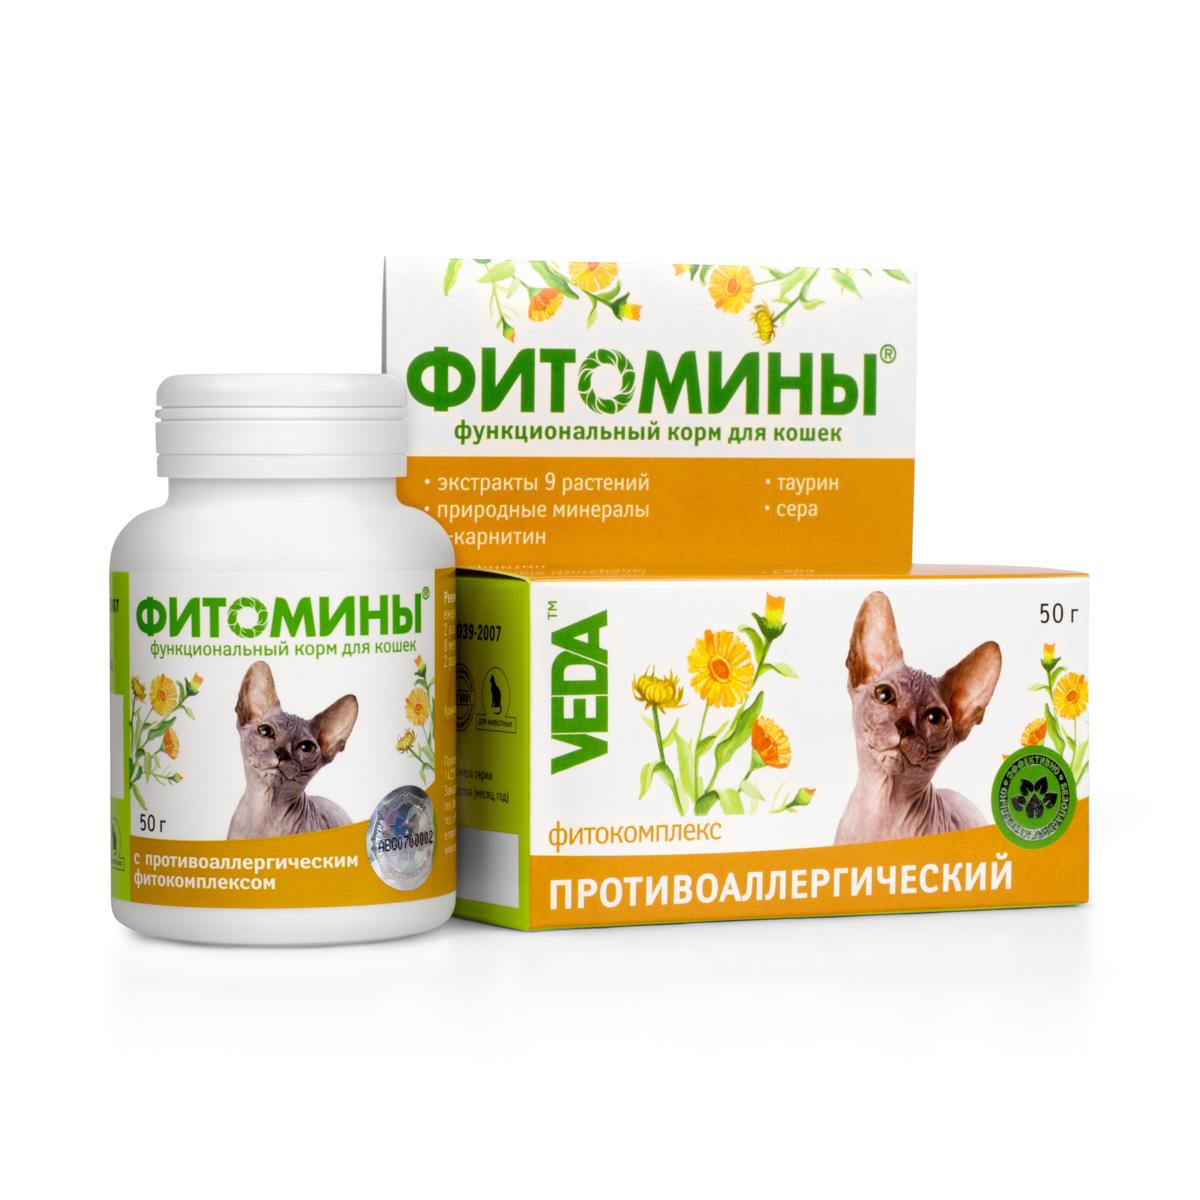 Функциональный корм для кошек Фитомины, с противоаллергическим фитокомплексом, 50 г4605543005787Функциональный корм для кошек Фитомины снижает выраженность аллергических реакций на пищу, бытовую химию и лекарственные раздражители.Рекомендуется включать в рацион:при проявлении кожных аллергических реакций: зуд, покраснение, сыпь, экзема,при рвоте и диарее вследствие аллергии,для снижения предрасположенности к аллергическим заболеваниям.Кормовая смесь, содержащая пивные дрожжи, паровую рыбную муку, лактозу и биологически активные компоненты, предназначена для систематического употребления в составе кормовых рационов кошек. Снижает выраженность аллергических реакций, связанных с кормлением: покраснение и зуд кожи, расстройство пищеварения. Приносит заметное облегчение животному, страдающему от аллергии.Кверцетин и катехины, содержащиеся в фитокомплексе, способствуют снижению выработки гистамина, уменьшают частоту проявлений аллергии в будущем.Пивные дрожжи, корни лопуха и одуванчика — улучшают работу очистительных систем организма (почки и печень), что способствует эффективному выведению аллергенов и положительно сказывается на состоянии кожи.Функциональный корм представляет собой цилиндрические двояковыпуклые гранулы от серовато-белого до серовато-кремового цвета с вкраплениями. Допускается незначительная мраморность.Рекомендации по кормлению: котятам – по 0,5 г (1 шт.) 1 раз в день, кошкам старше 8 месяцев по 1-1,5 г (2-3 шт.) 2 раза в день.Особенности использования: возможна индивидуальная повышенная чувствительность или непереносимость отдельных компонентов.Состав: лактоза; крахмал; дрожжи пивные; фитокомплекс: травы сушеницы топяной, травы череды, травы тысячелистника, травы чистотела, почек березовых, листьев березы, листьев подорожника большого, корней лопуха, корней одуванчика, цветков ноготков; природный минеральный комплекс; паровая рыбная мука; стеарат кальция; L-карнитин; таурин; сера.В 100 г продукта содержится (не менее): углеводы - 90 г; жиры - 0,4г; бел